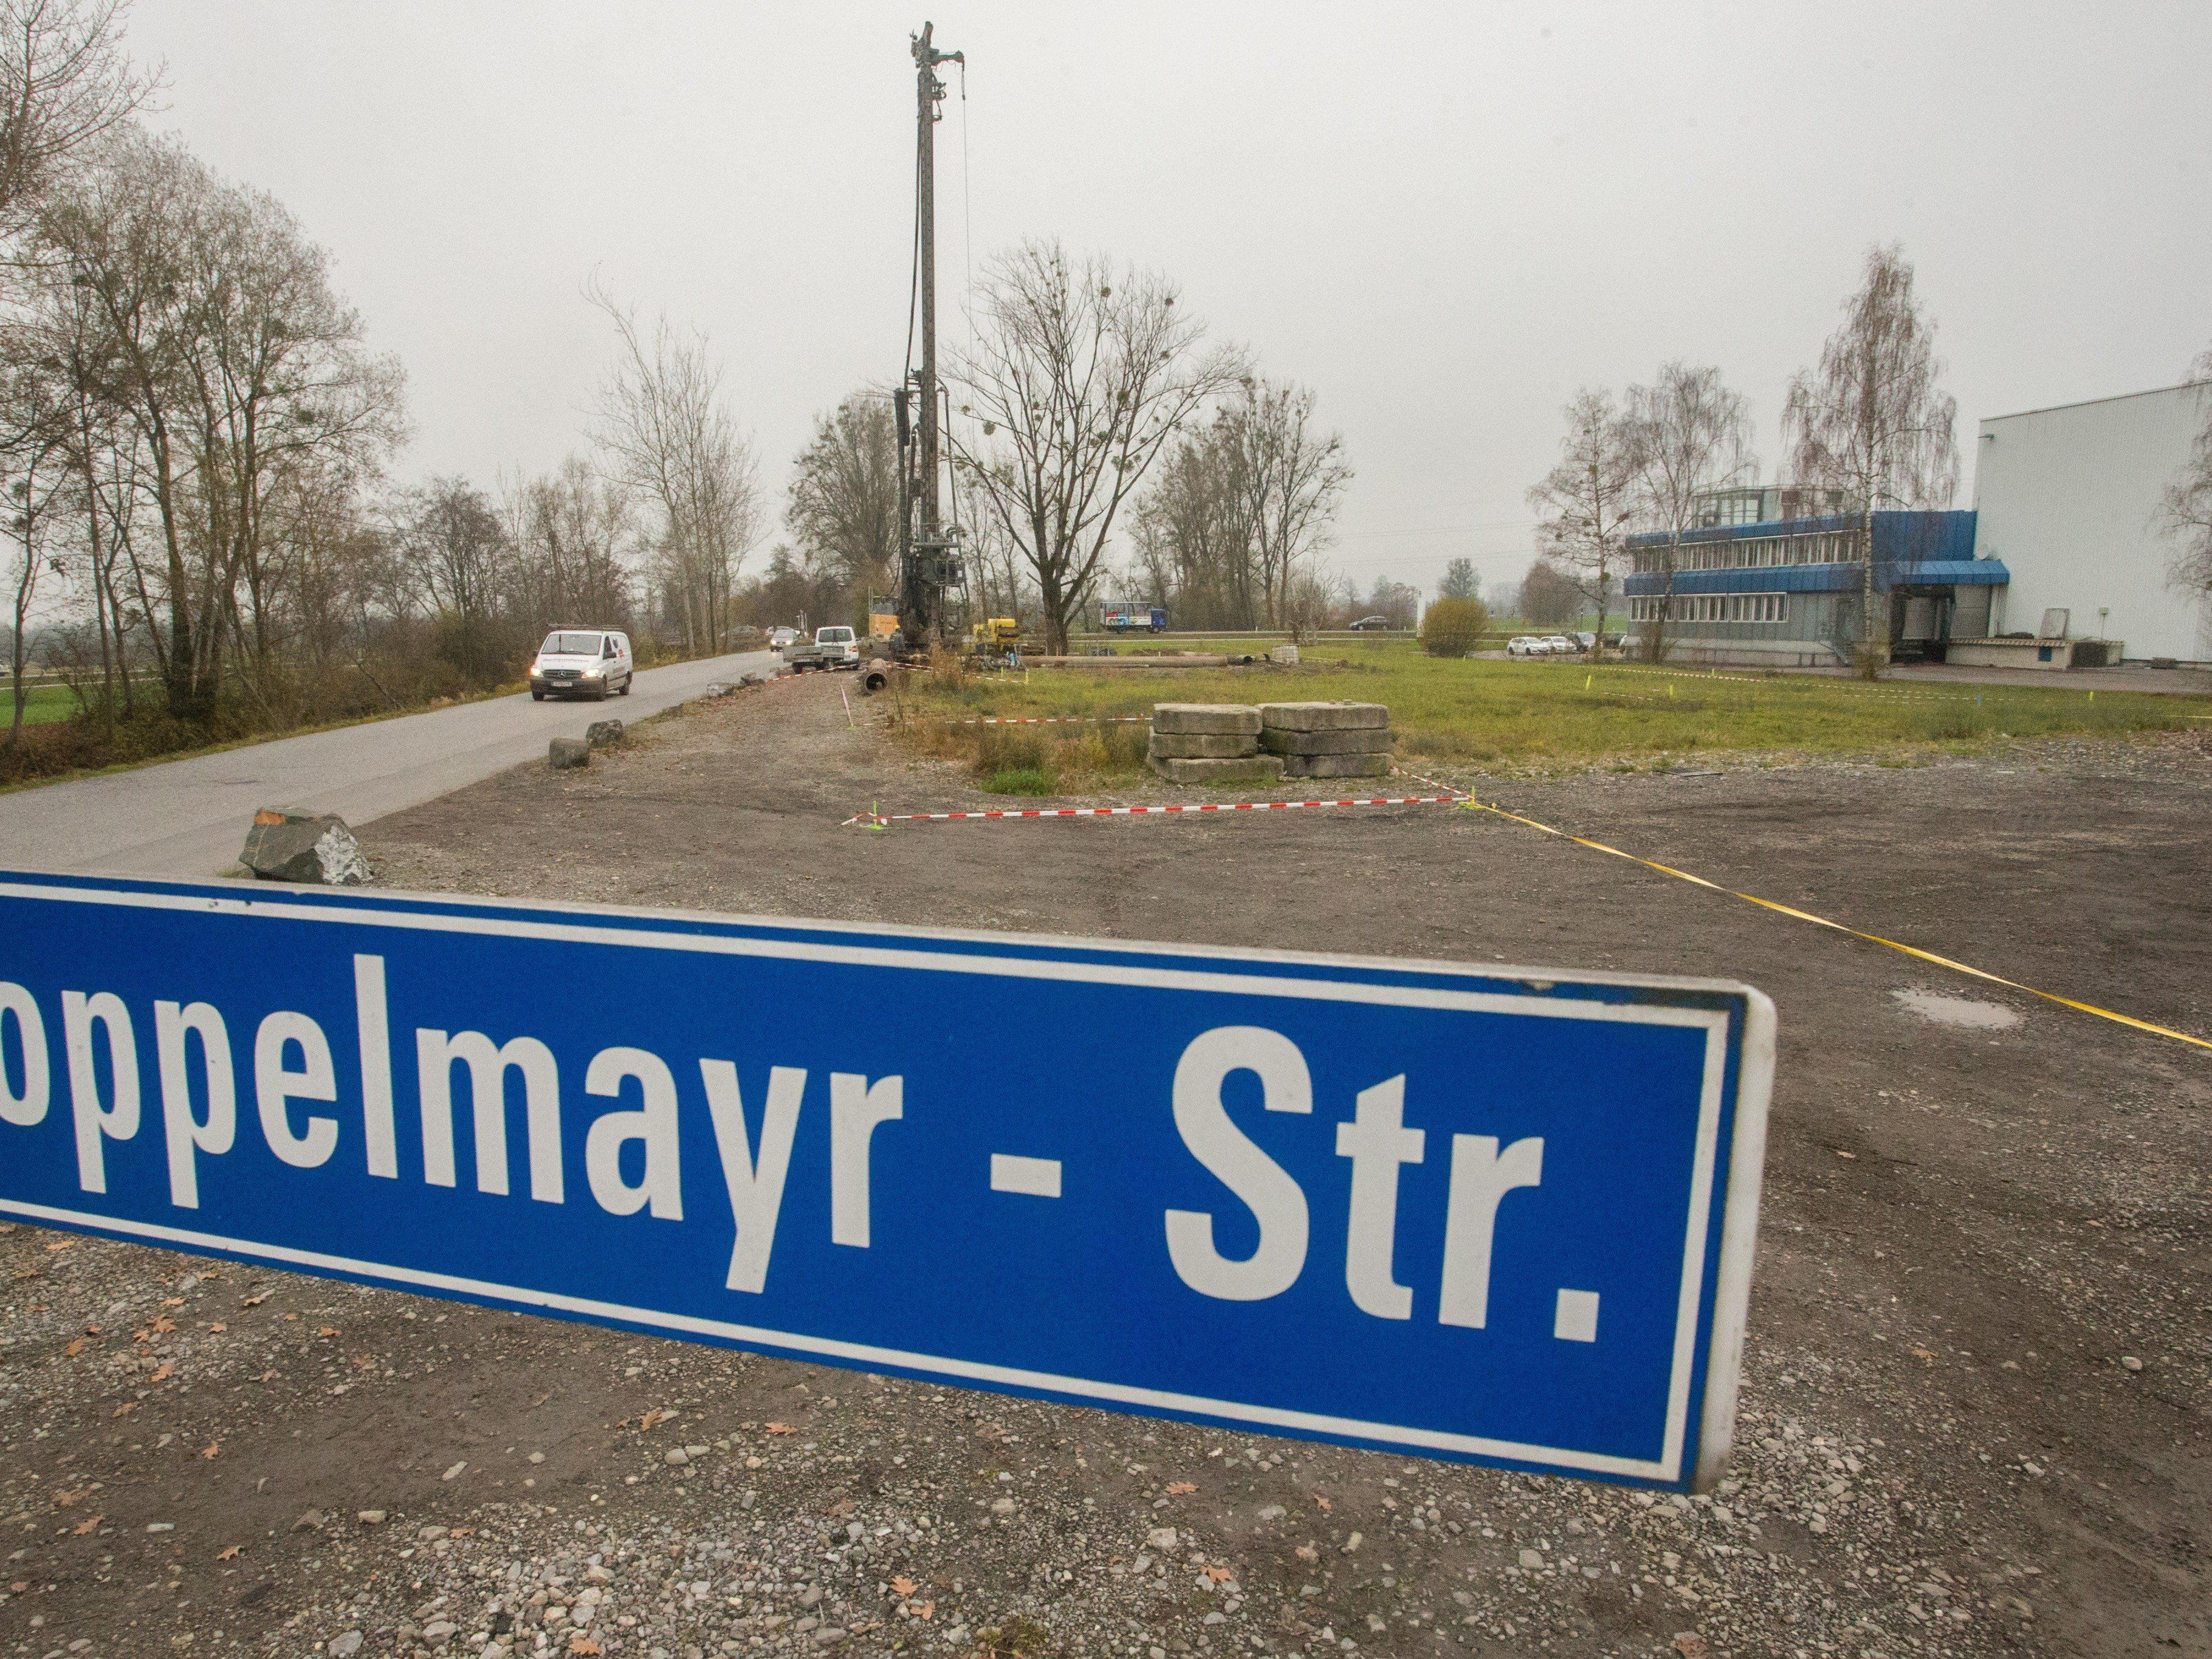 Doppelmayr-Neubau: Mit seiner Nähe zur Autobahn sei der neue Standort für das Unternehmen ideal gelegen.